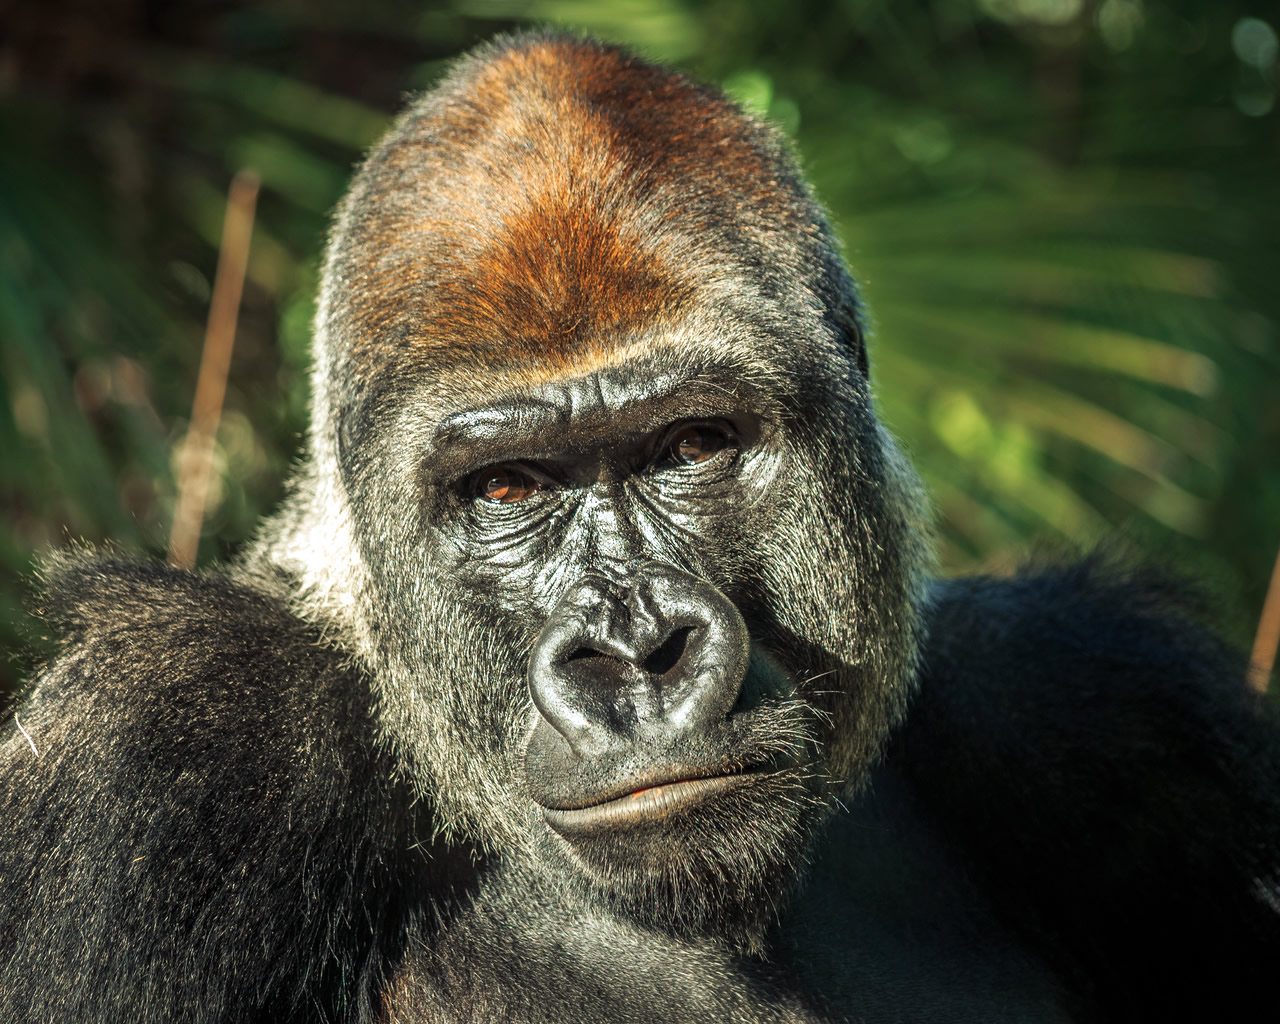 anekdoto i giagia i pyrosvestiki ke o gorilas fovero gelio